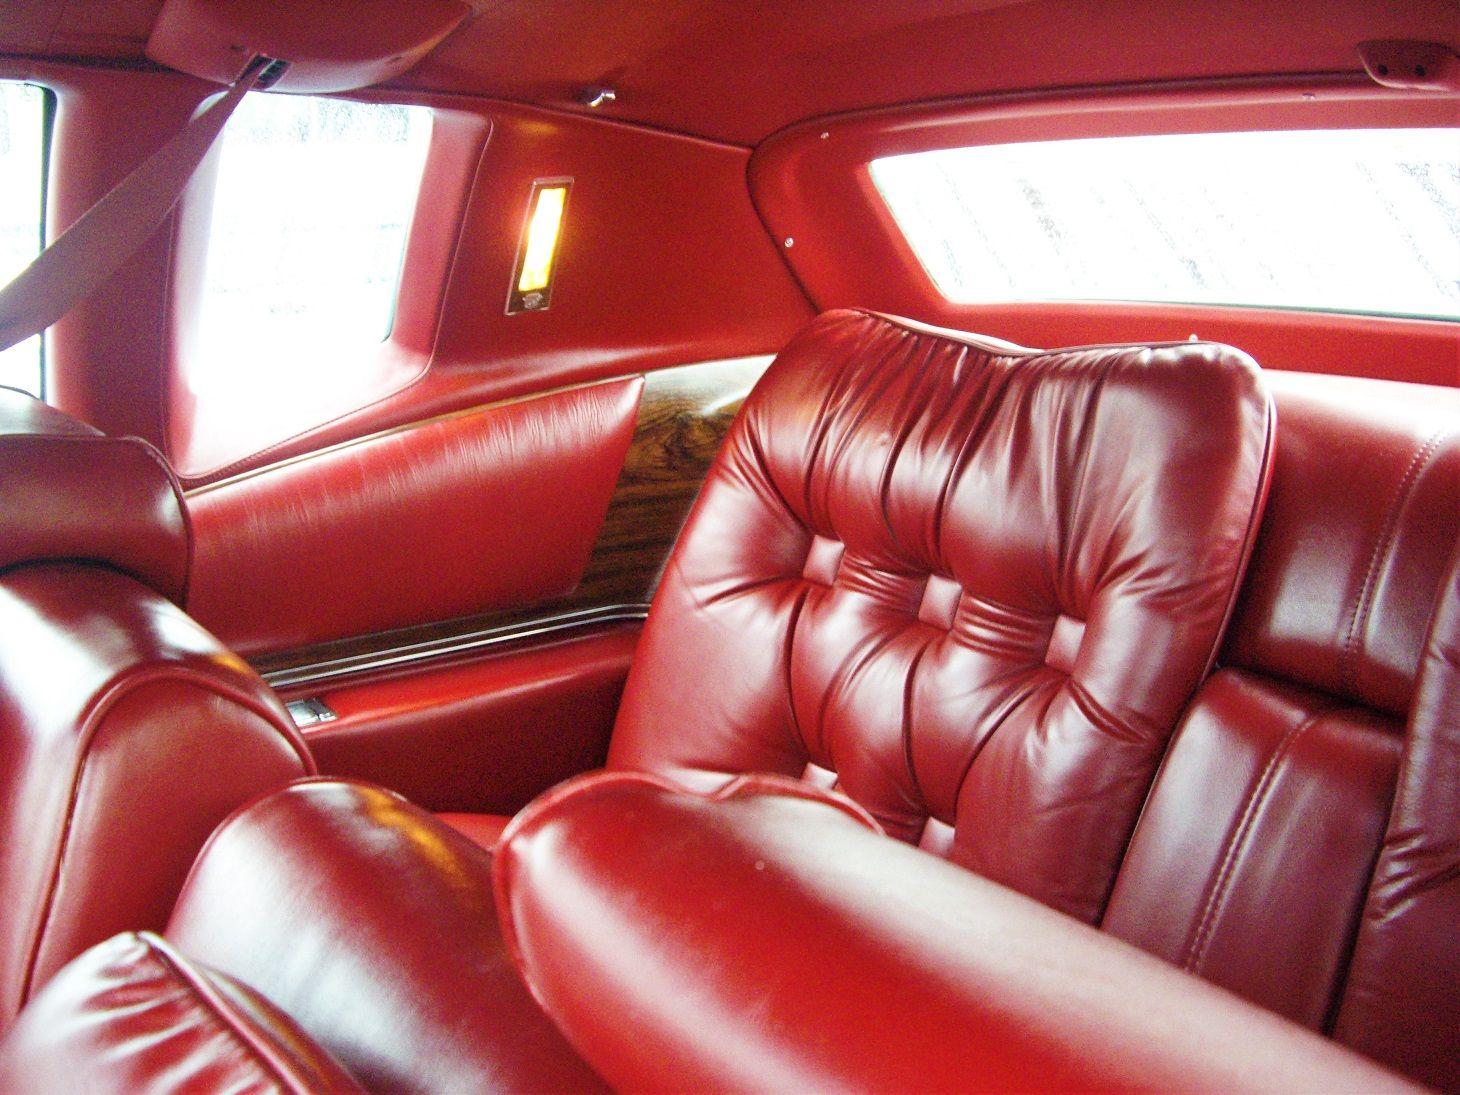 1978 Cadillac Eldorado Biarritz Interior Classic Car Interiors Deville